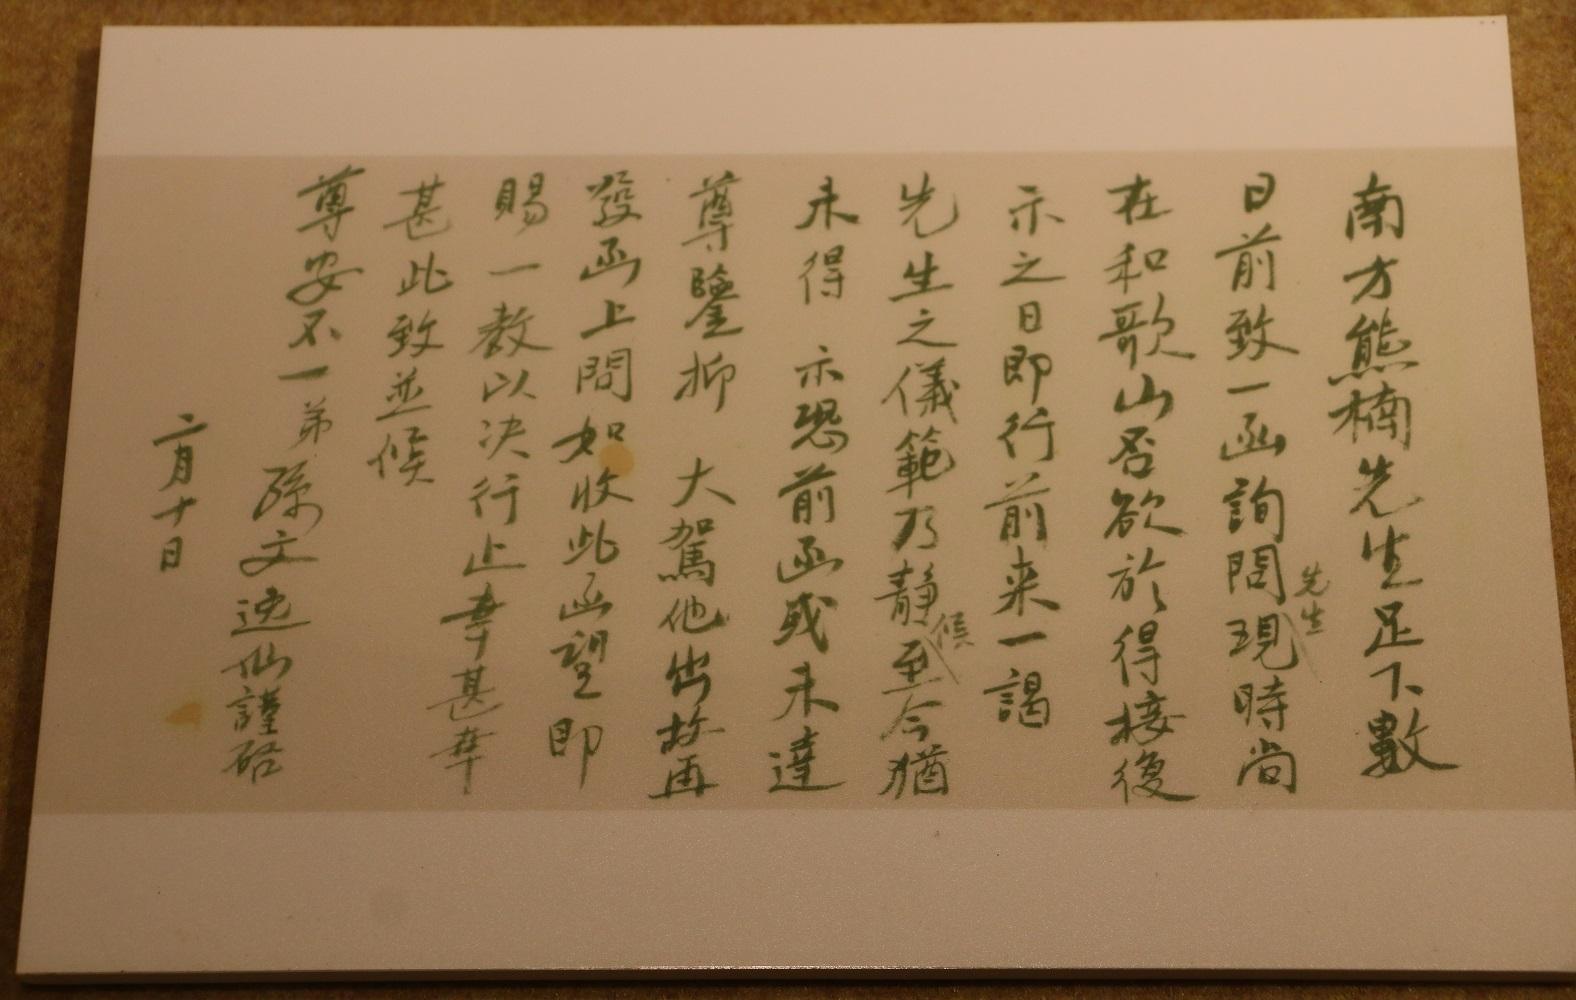 孫中山寄予南方熊楠的書信 (1901.2.10)